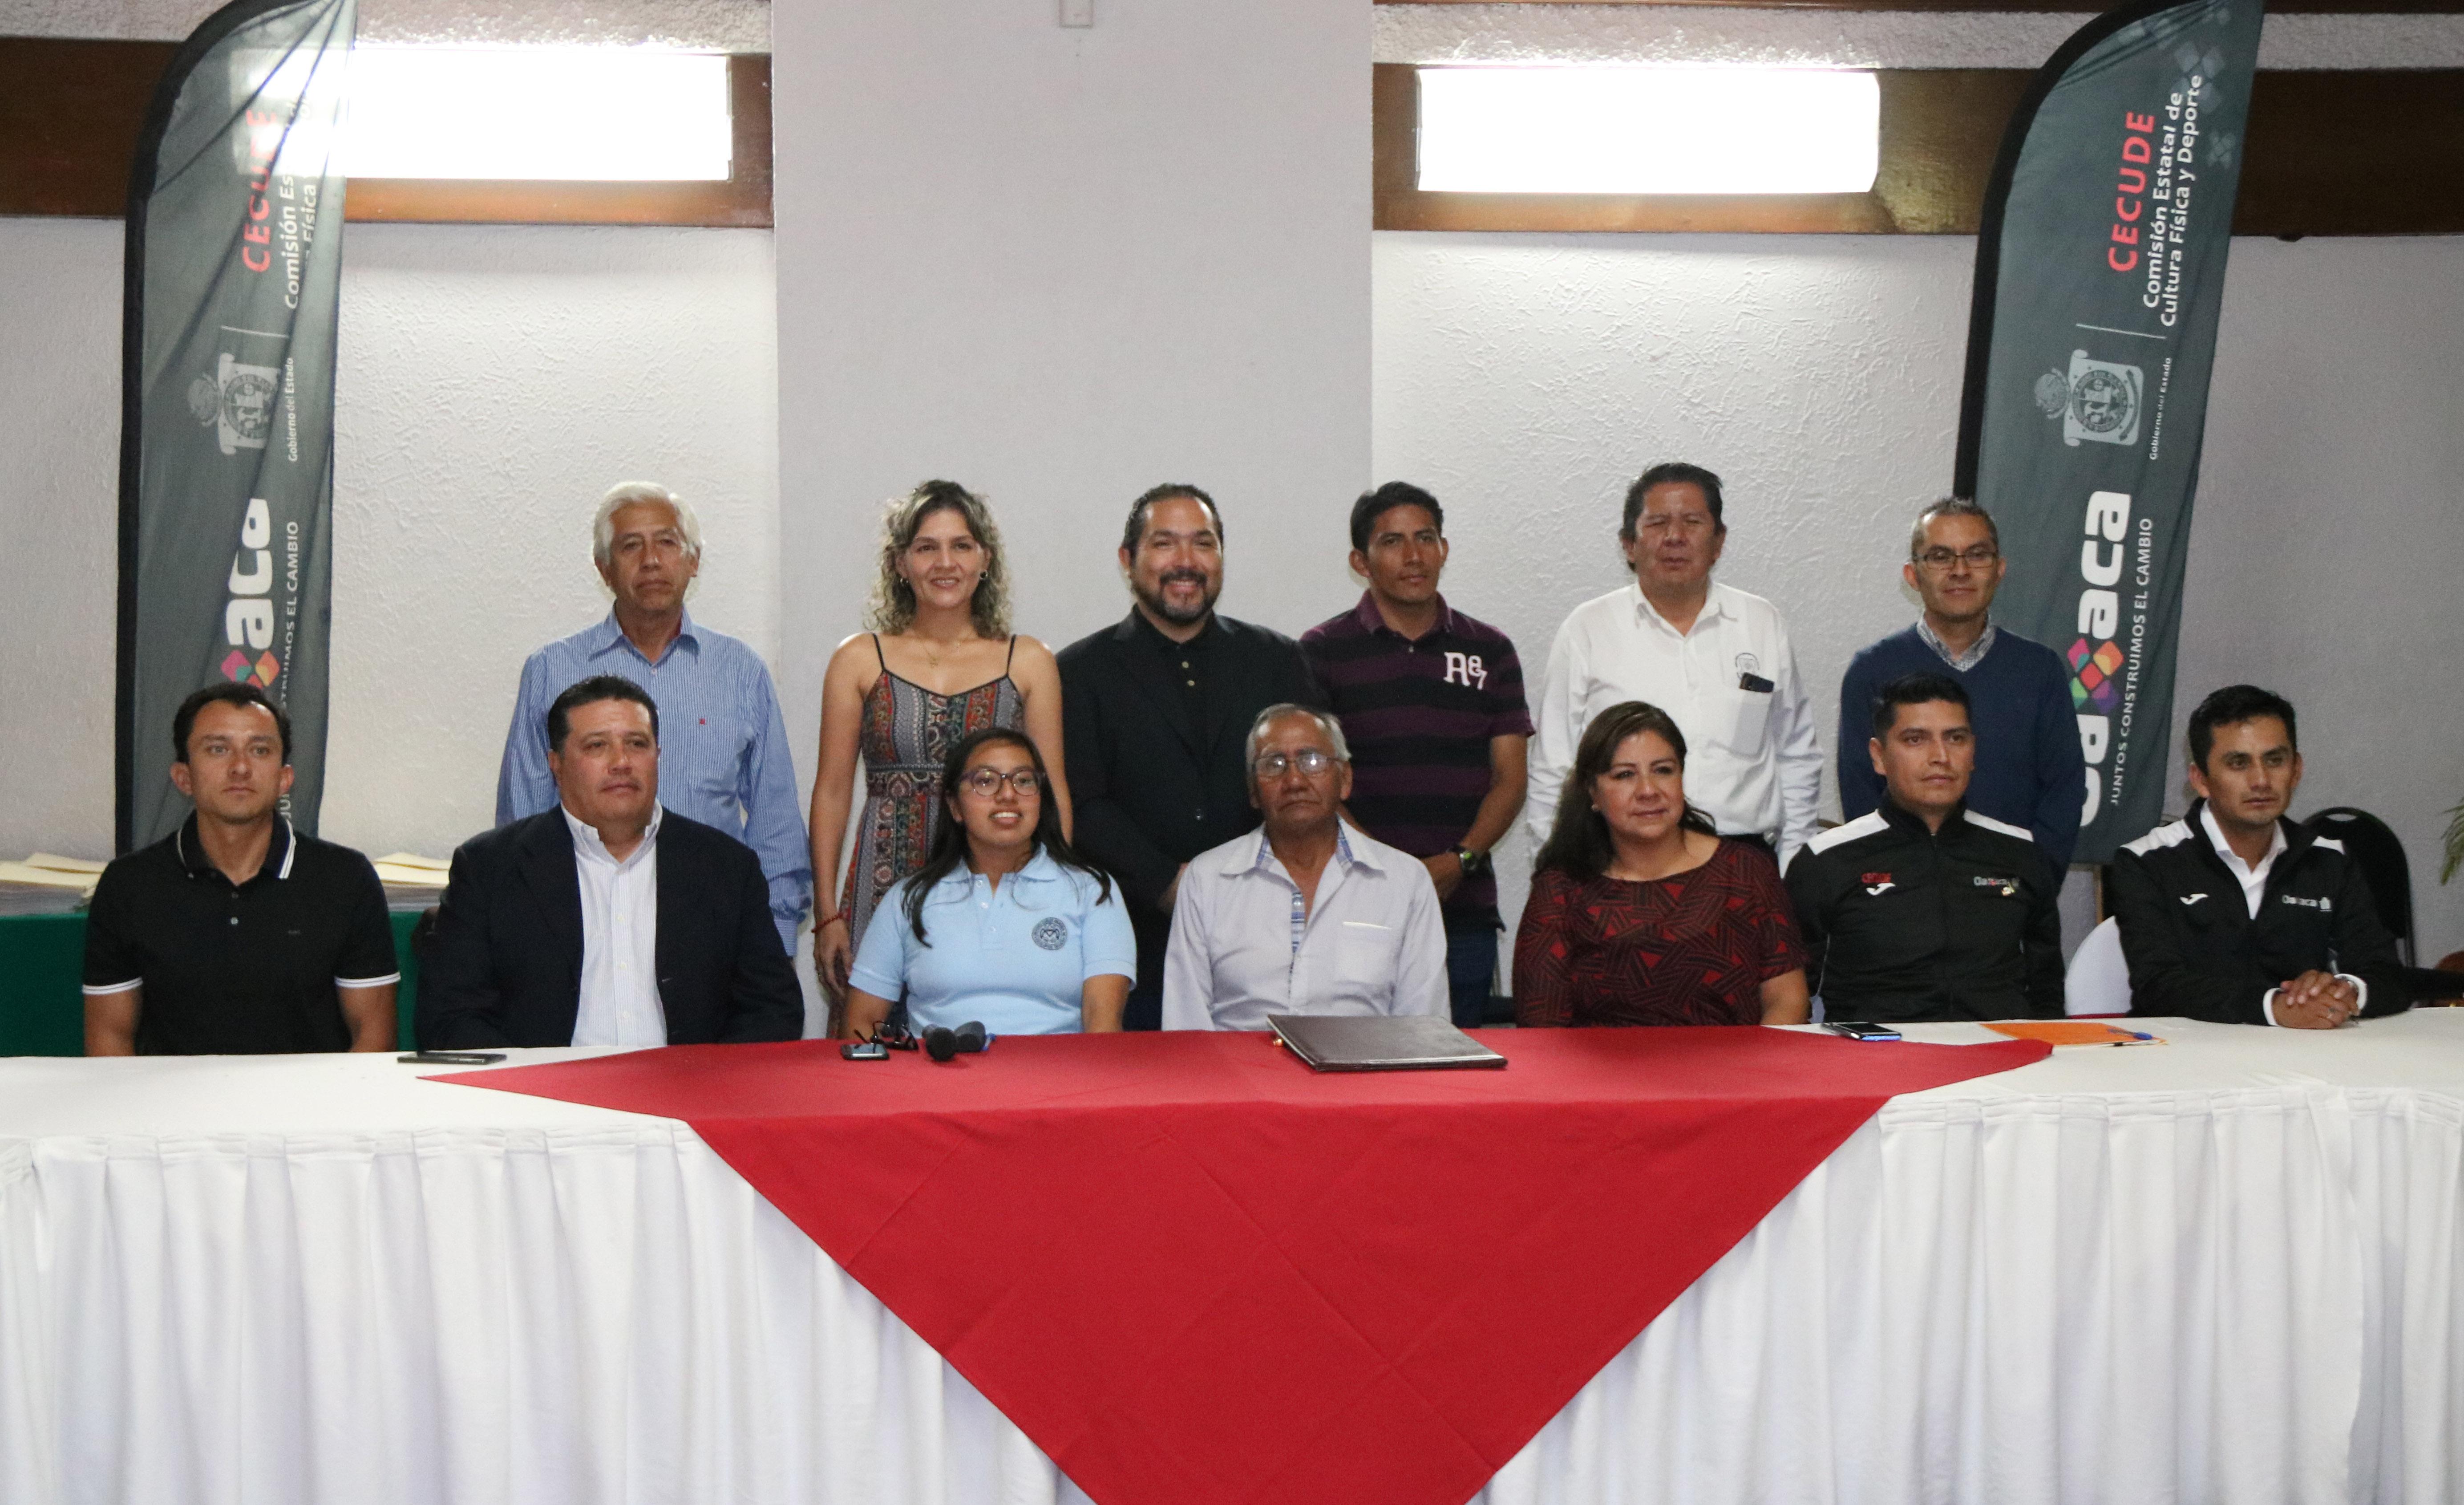 Jurado del Premio Estatal de Deporte Oaxaca2019